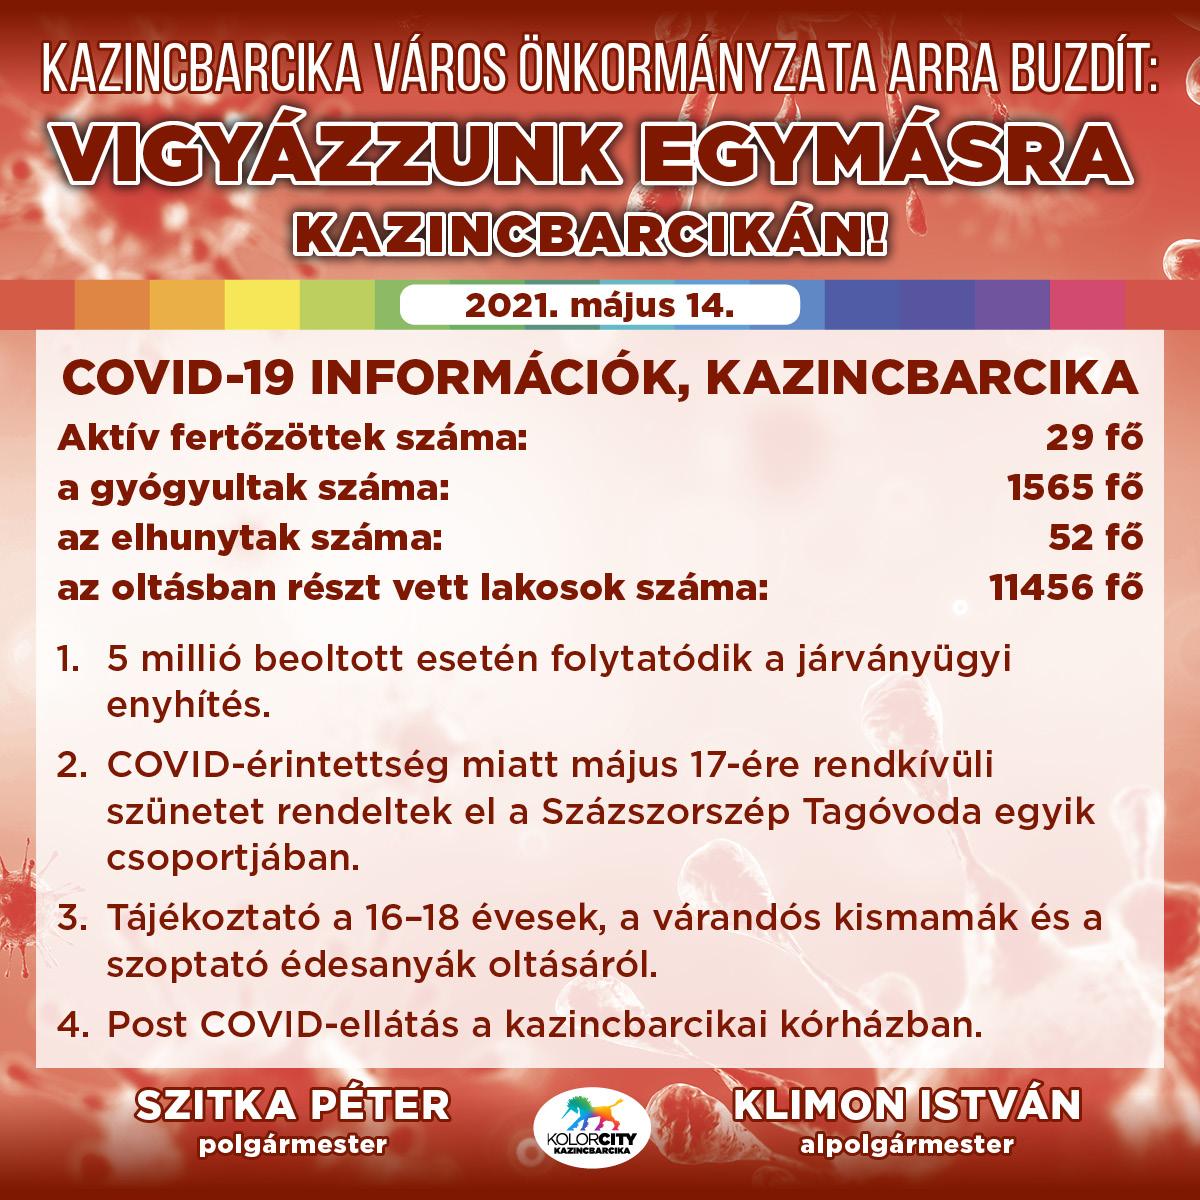 https://kolorline.hu/Vigyázzunk egymásra Kazincbarcikán! – 2021. május 14.